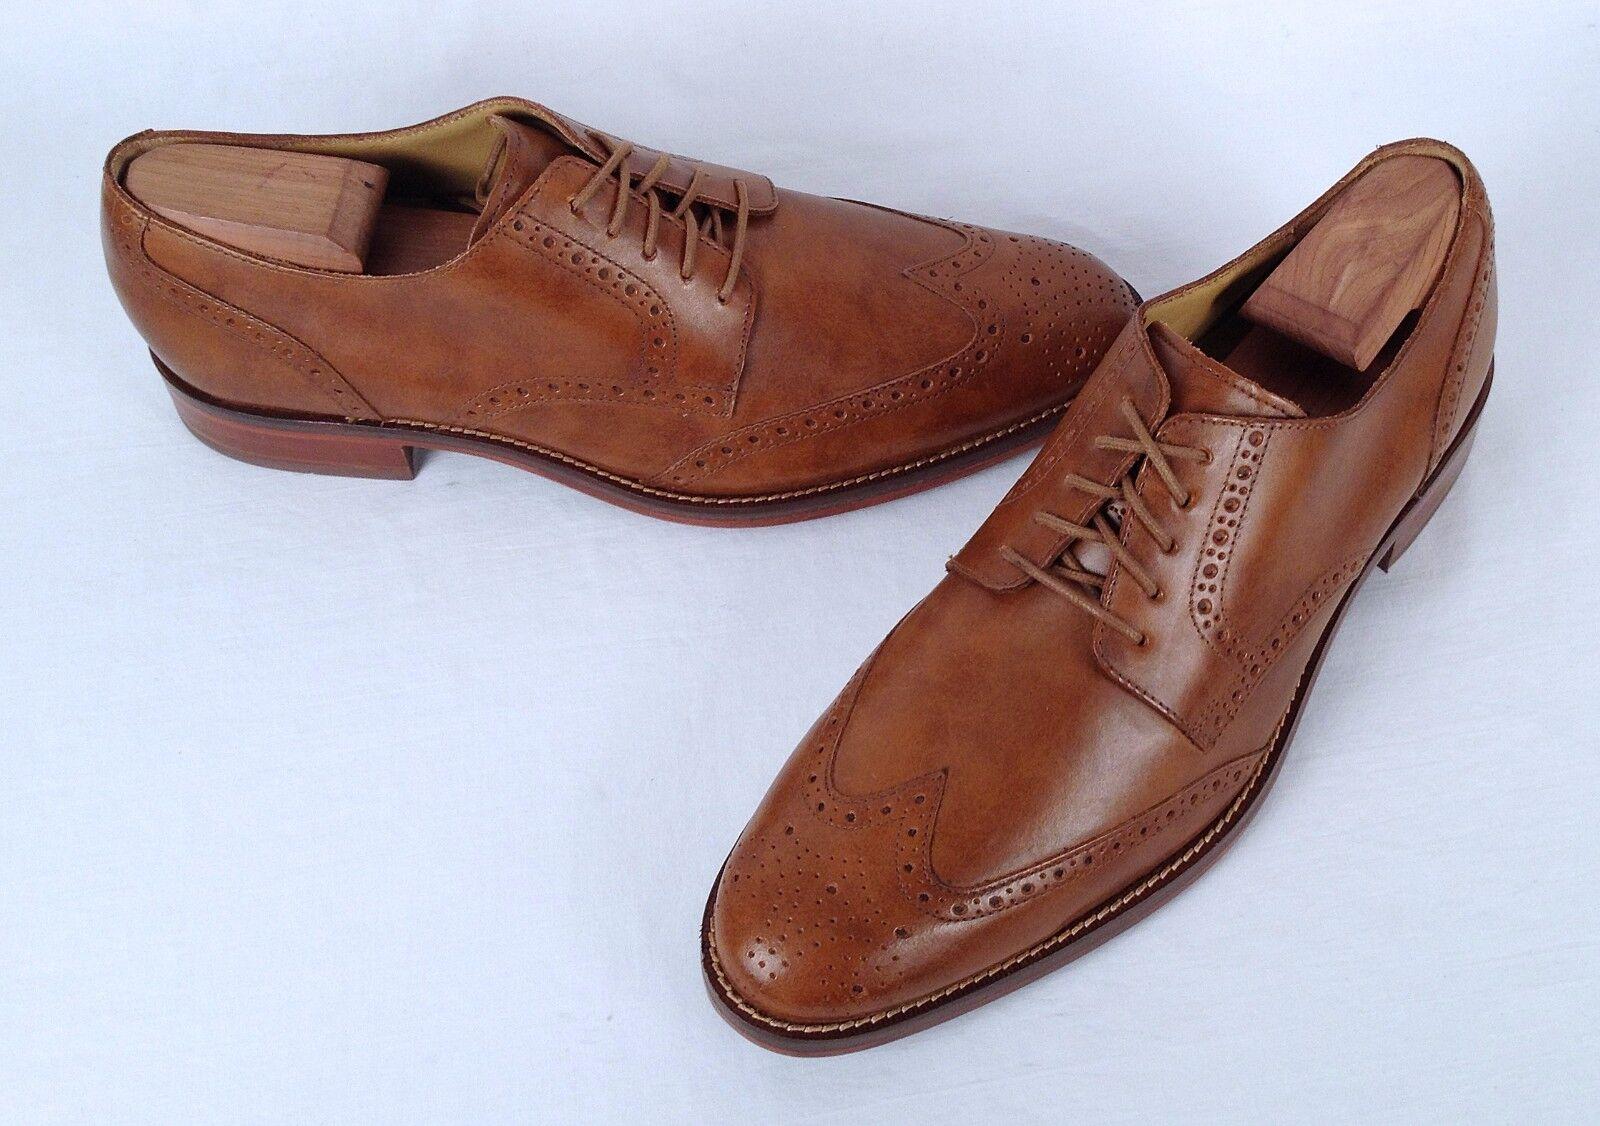 NEW!! Cole Haan Wingtip Oxford British Tan Size 11.5 M   (Z1) Scarpe classiche da uomo